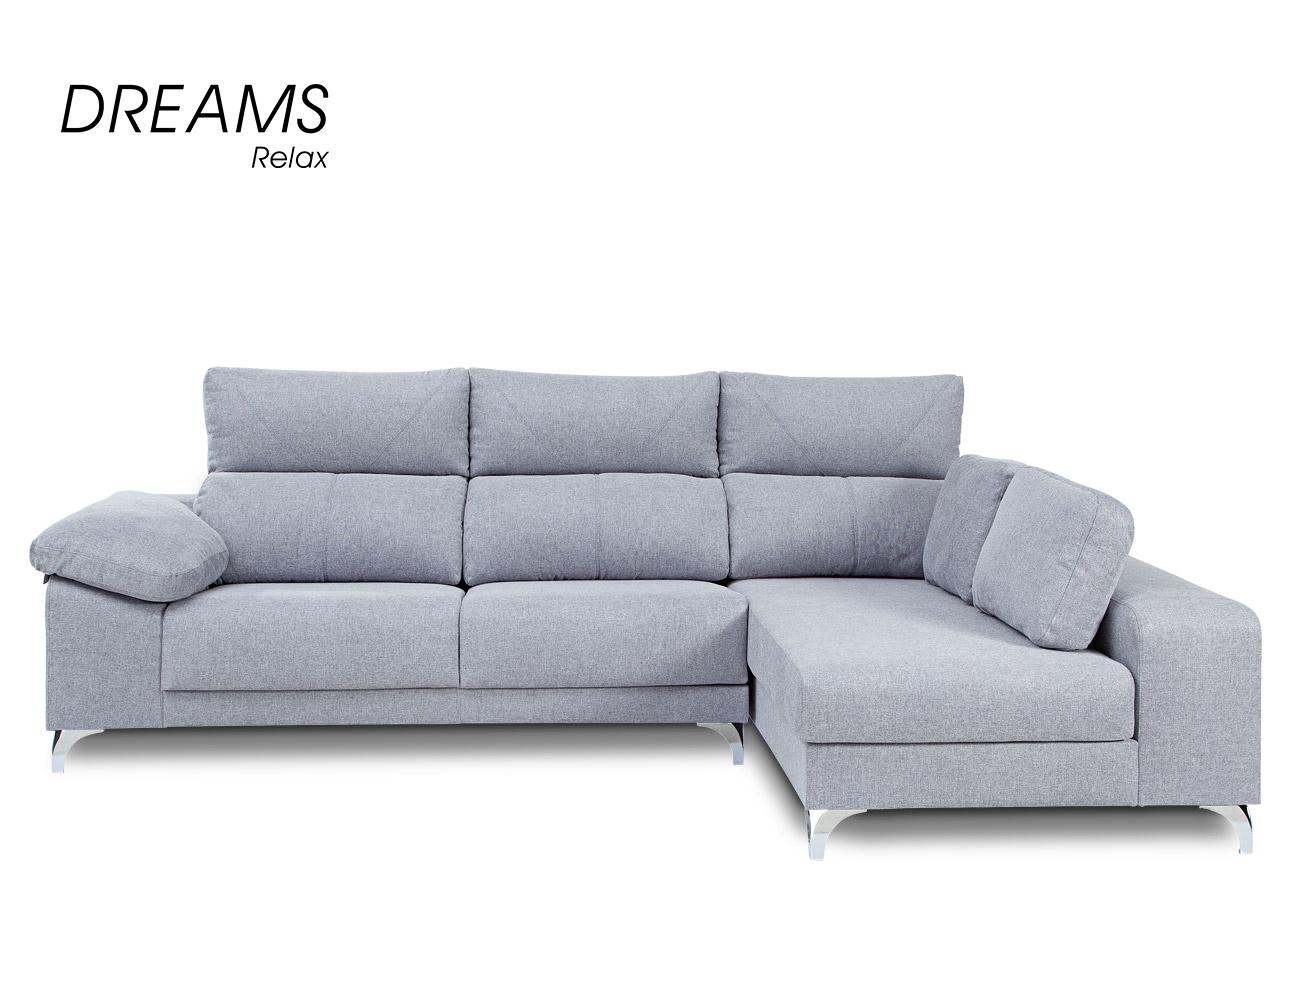 Sofa cuba chaiselongue